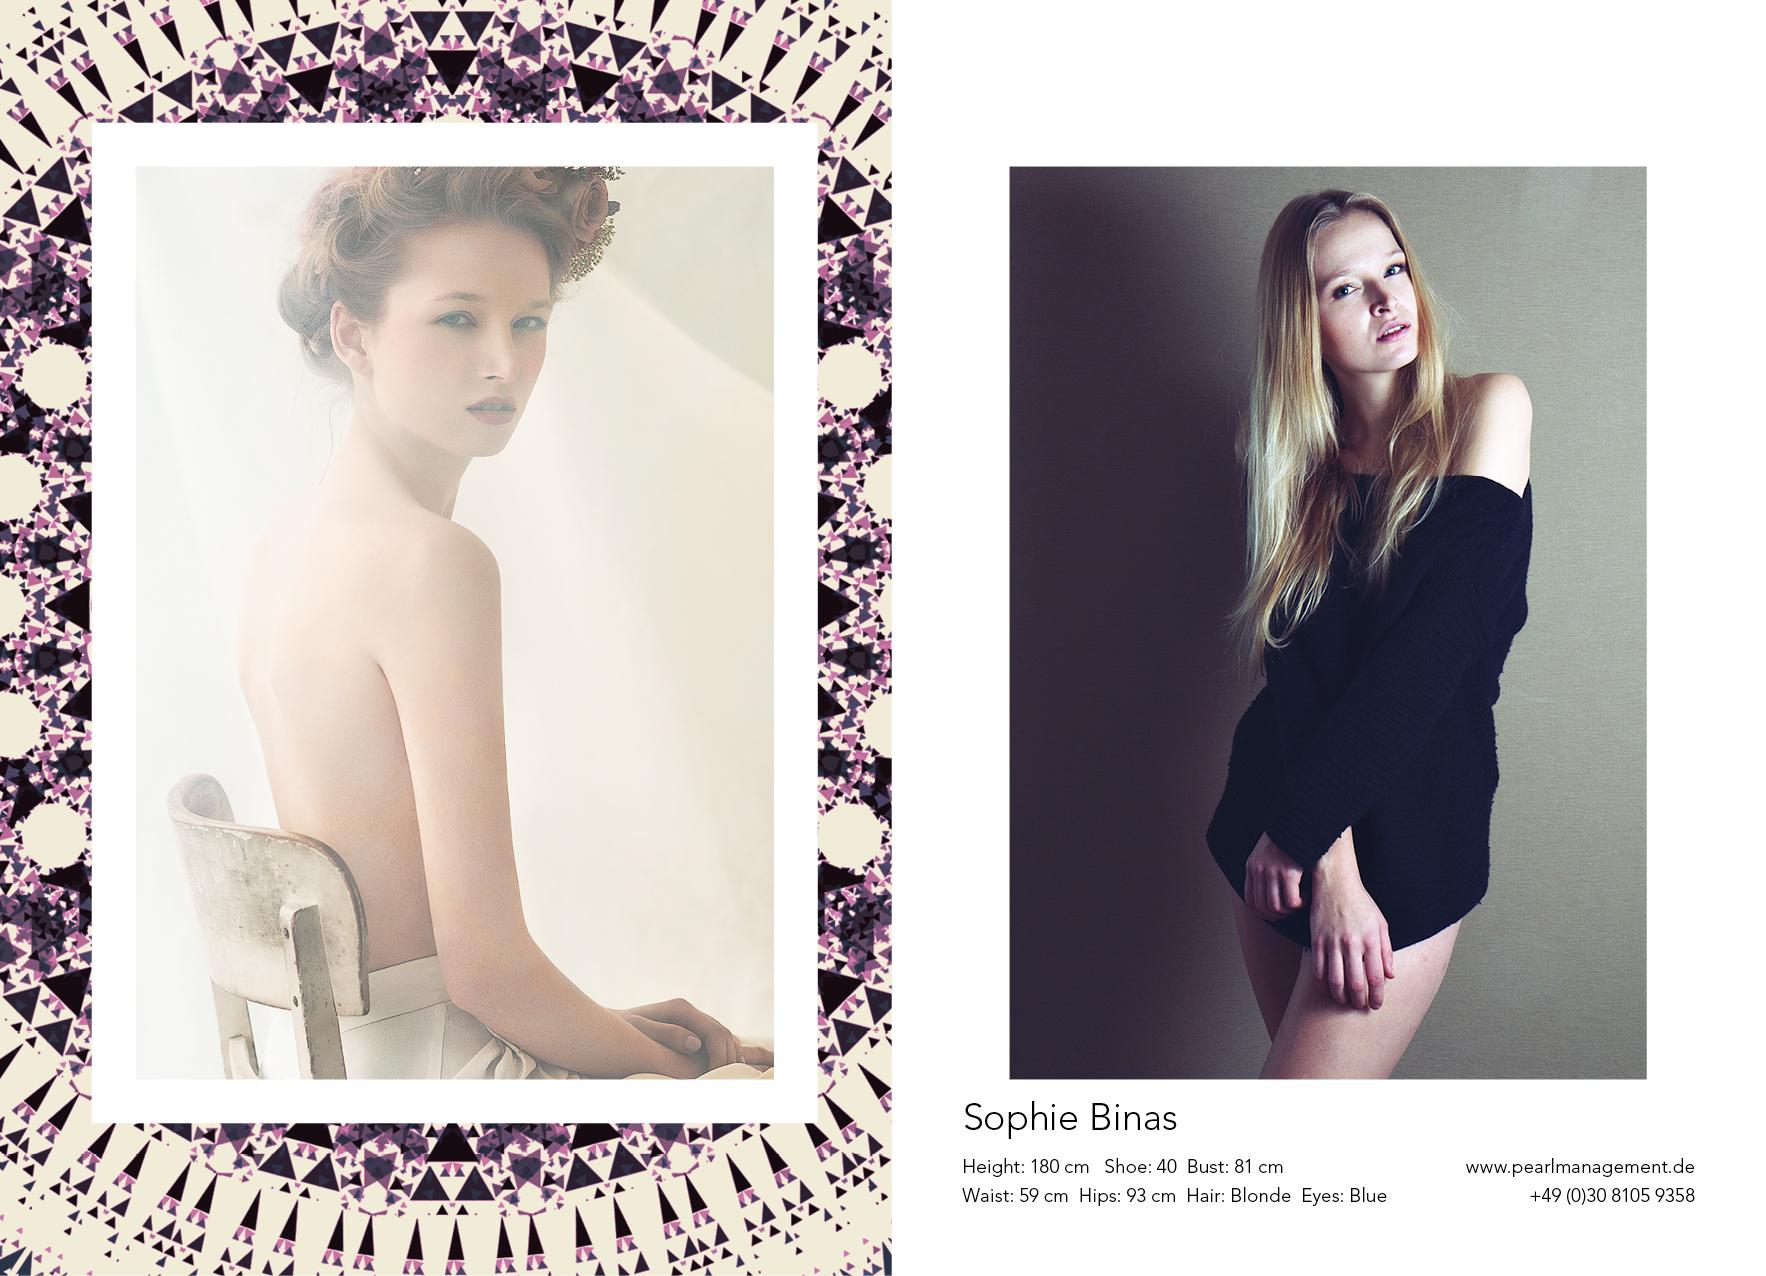 Sophie binas.jpg